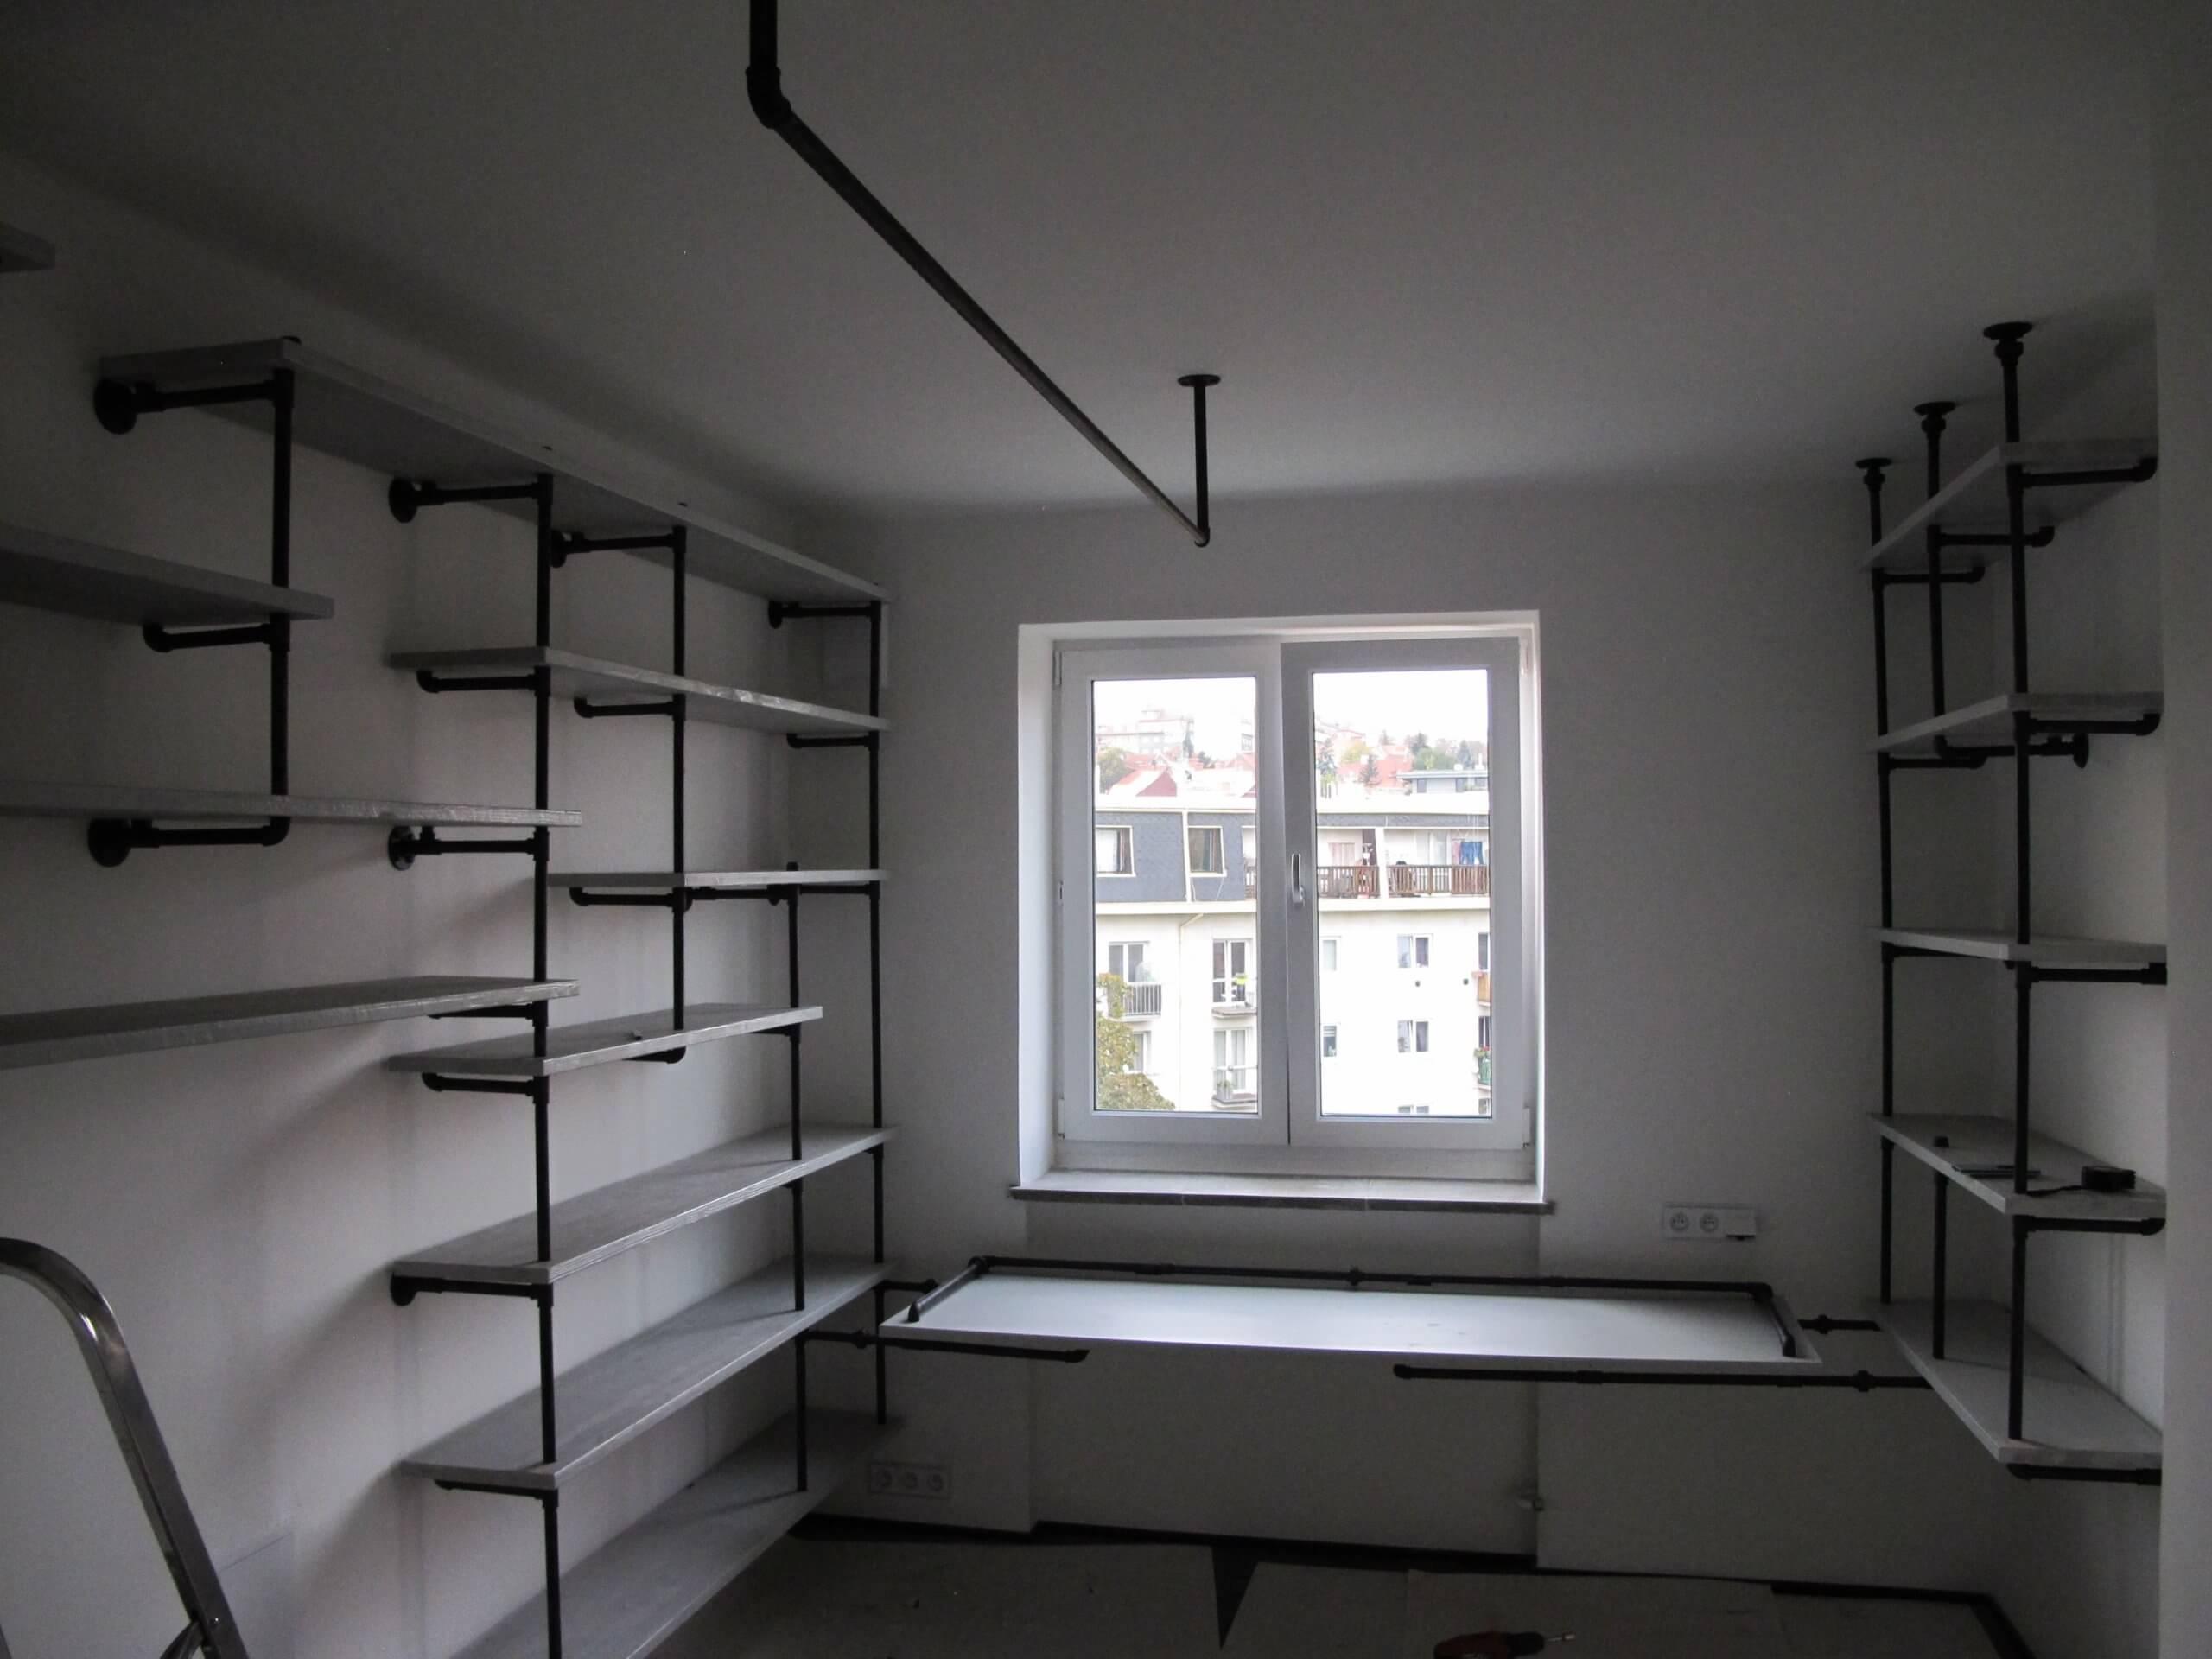 instalace-industrialni-nabytek